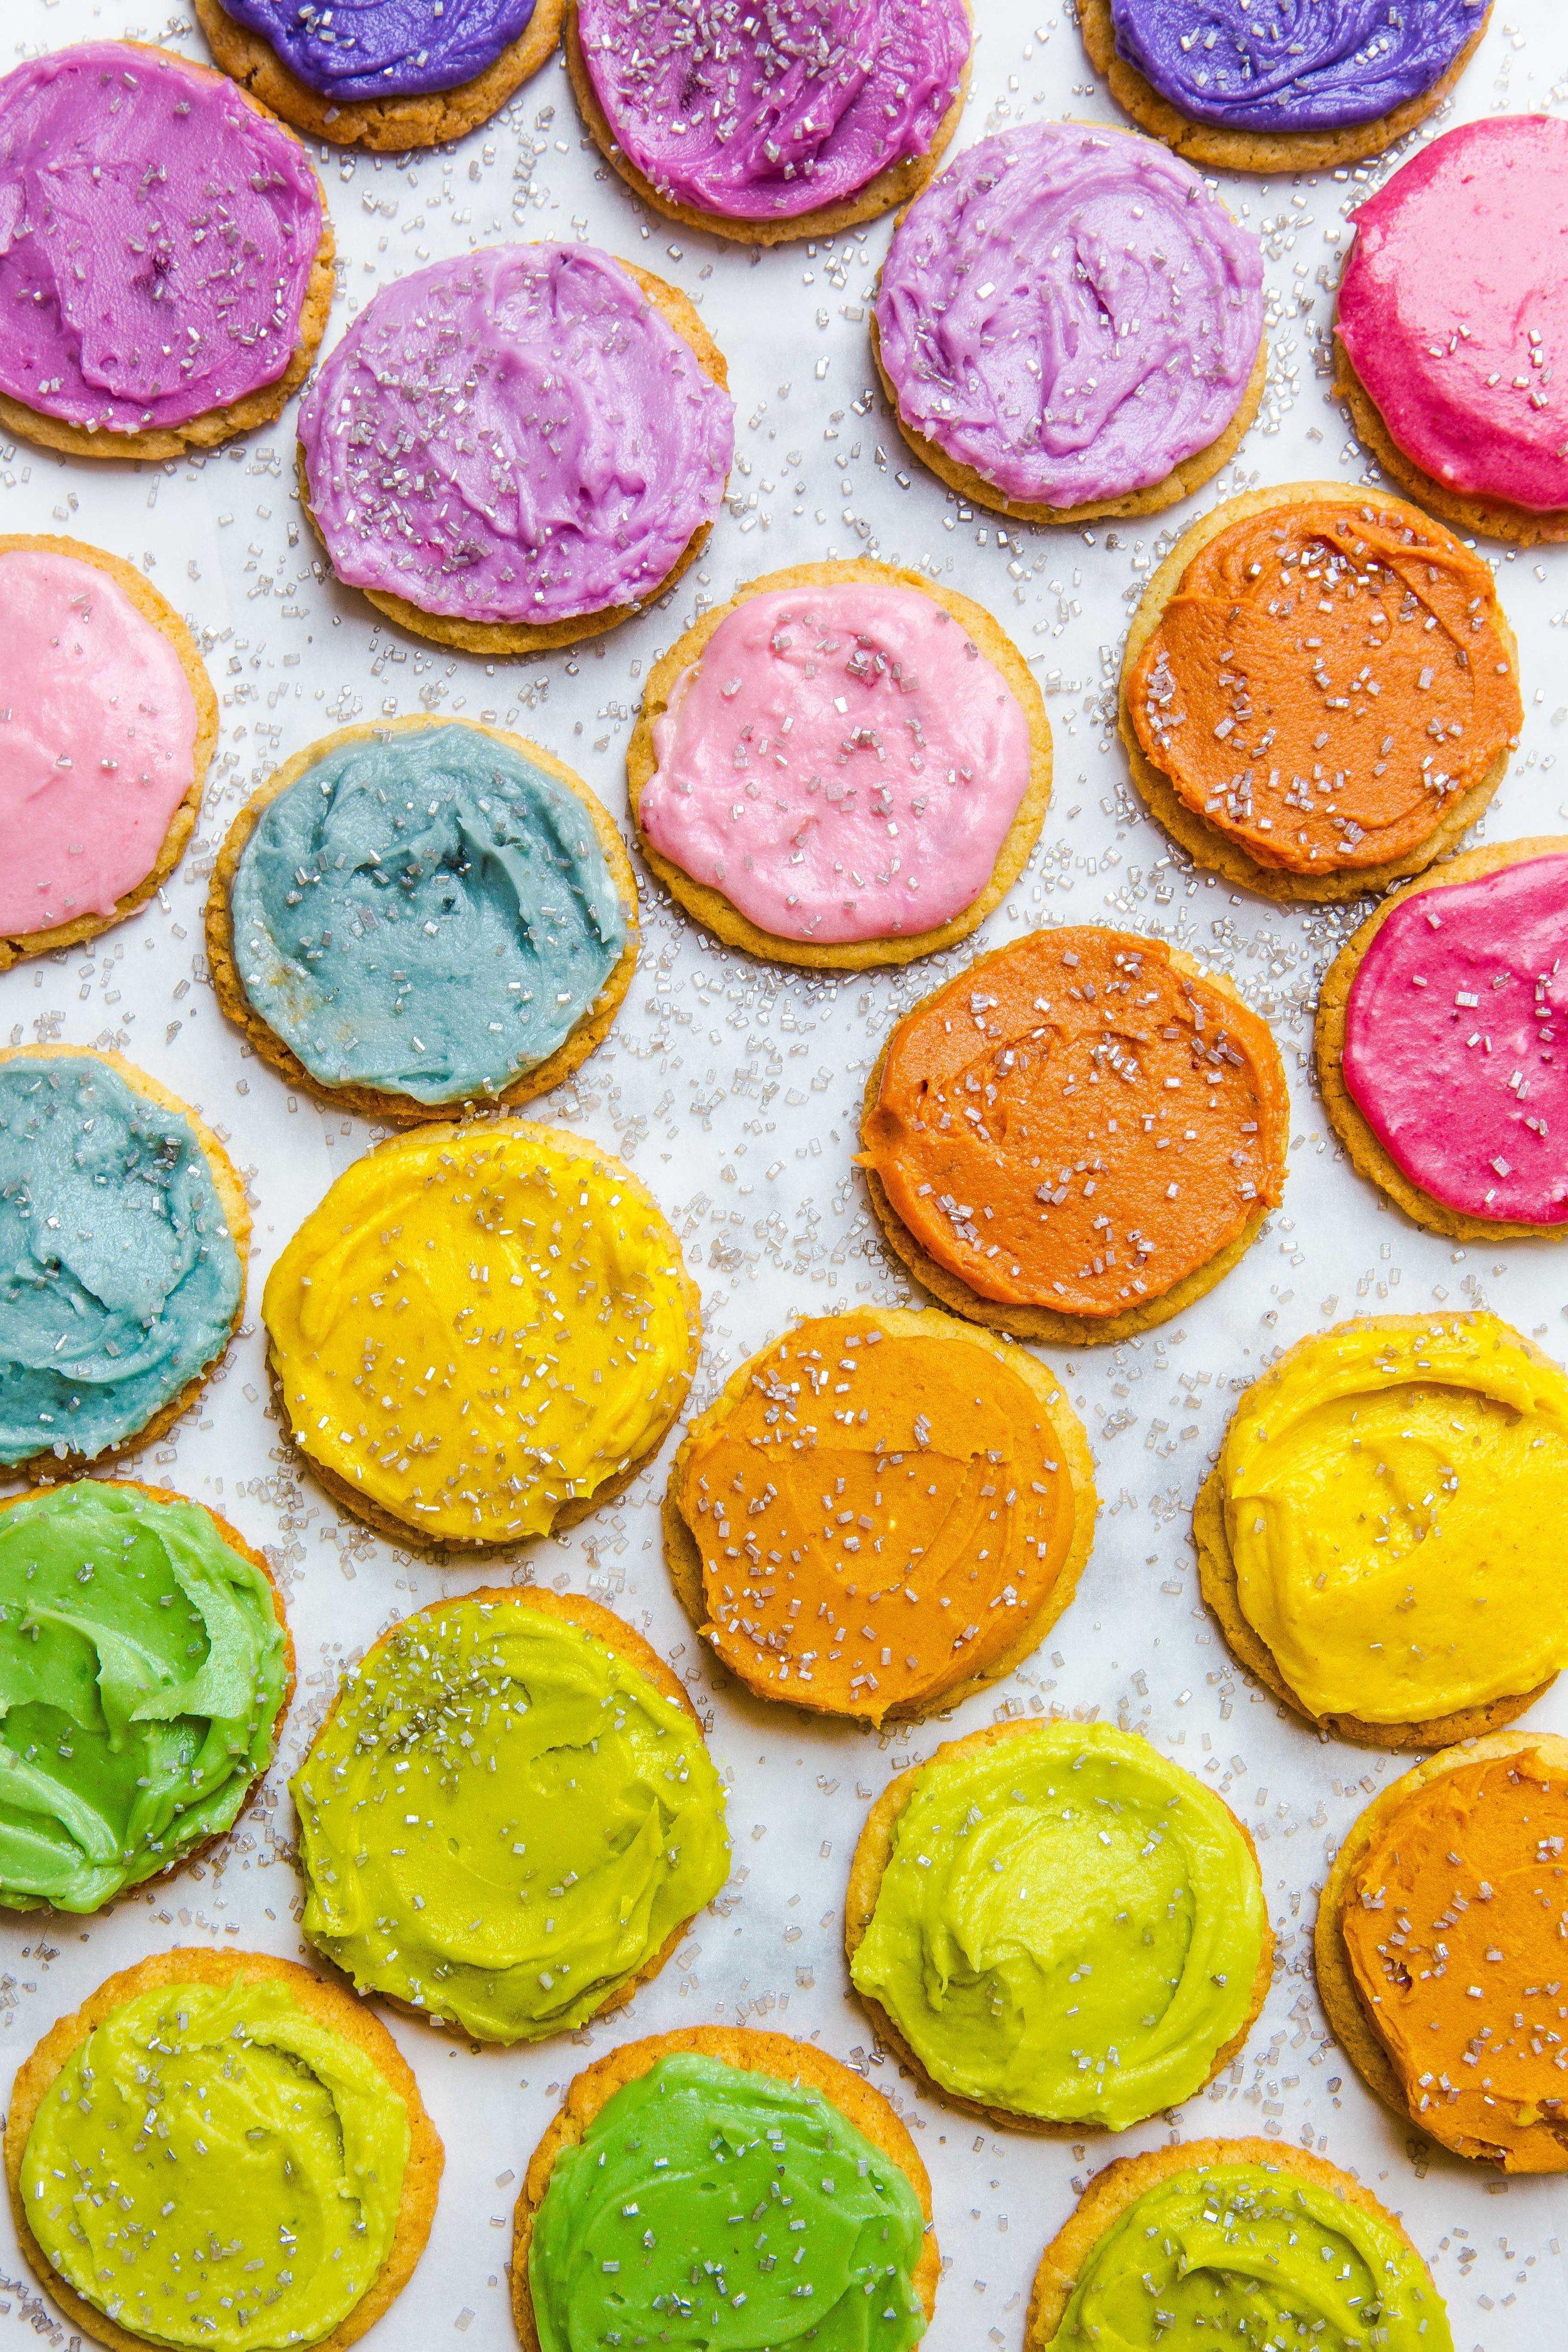 Dye Free Food Coloring.jpg